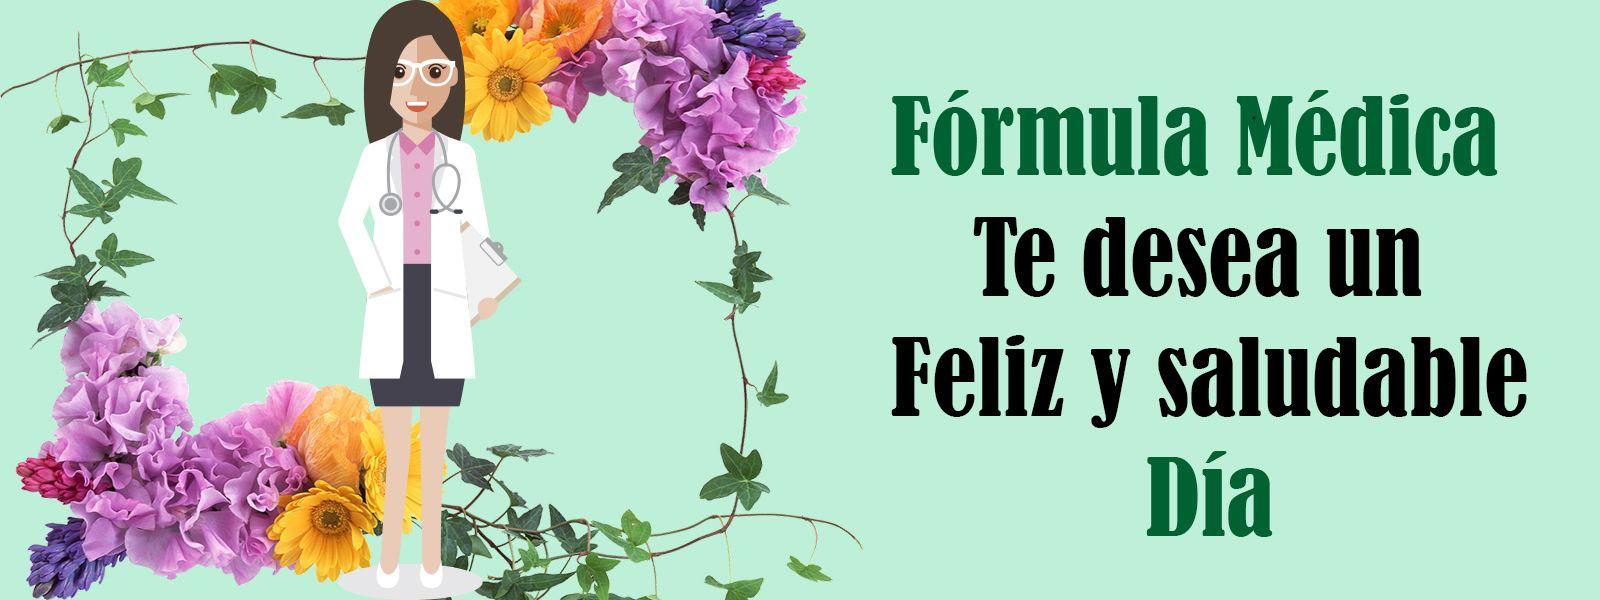 Feliz Dia De La Mujer Formula Medica Formula Medica Te pedimos por la mujer que es hija: feliz dia de la mujer formula medica